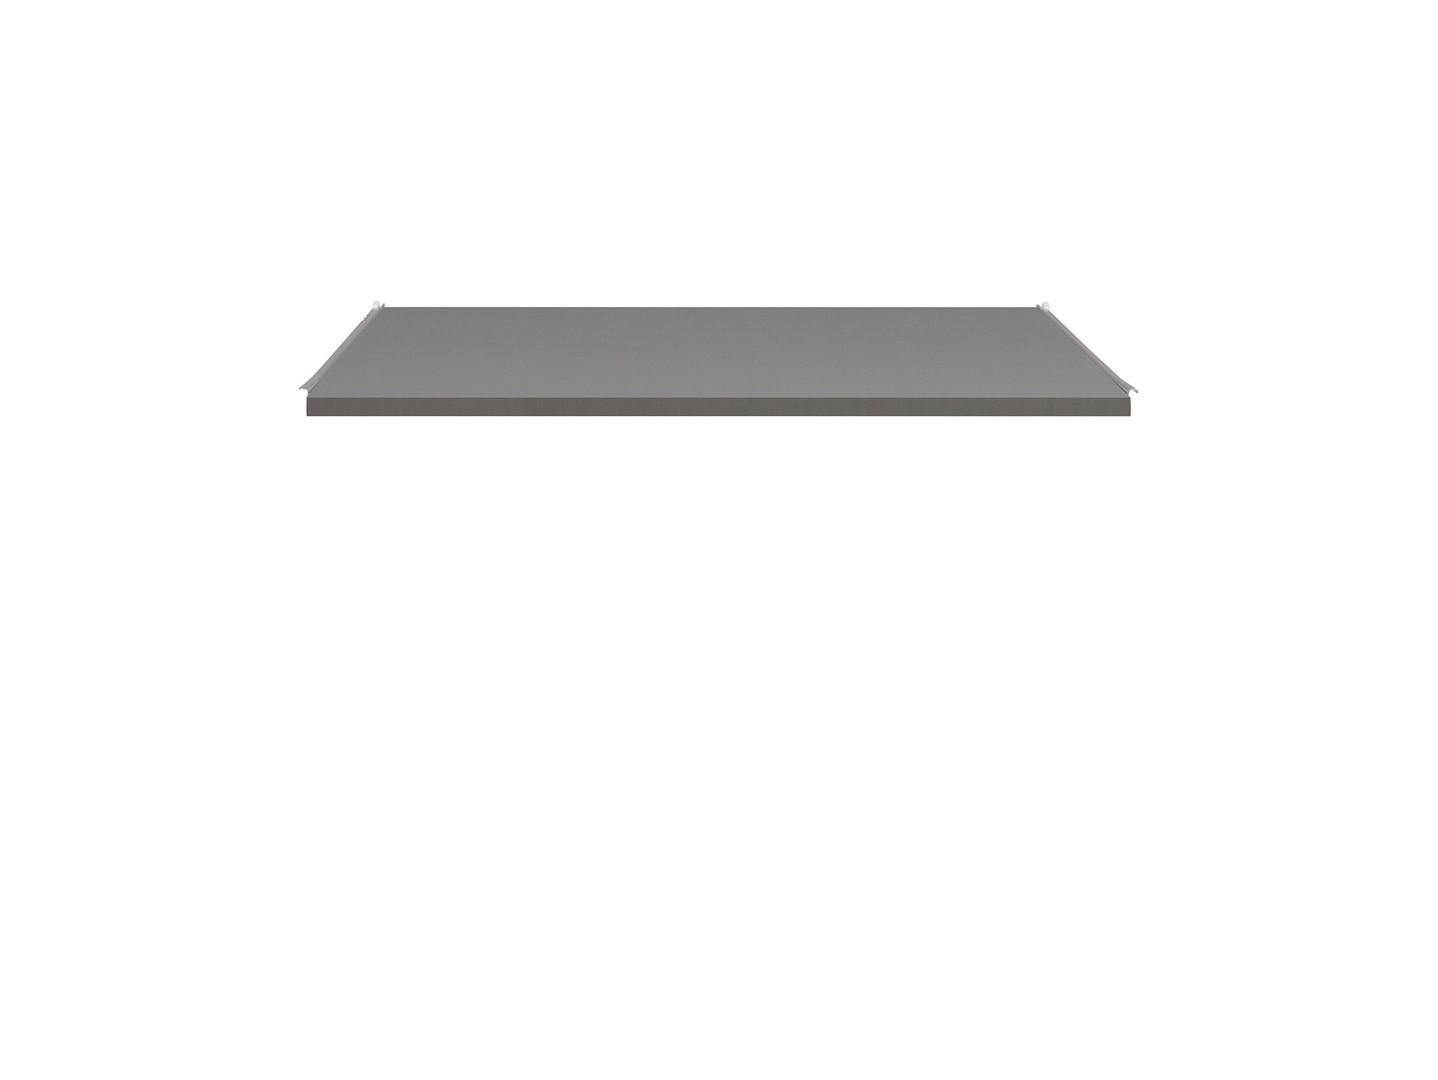 Polica pod klávesnicu k písaciemu stolu GRAPHIC BIU1D1SL/A_OPCJA sivý wolfram